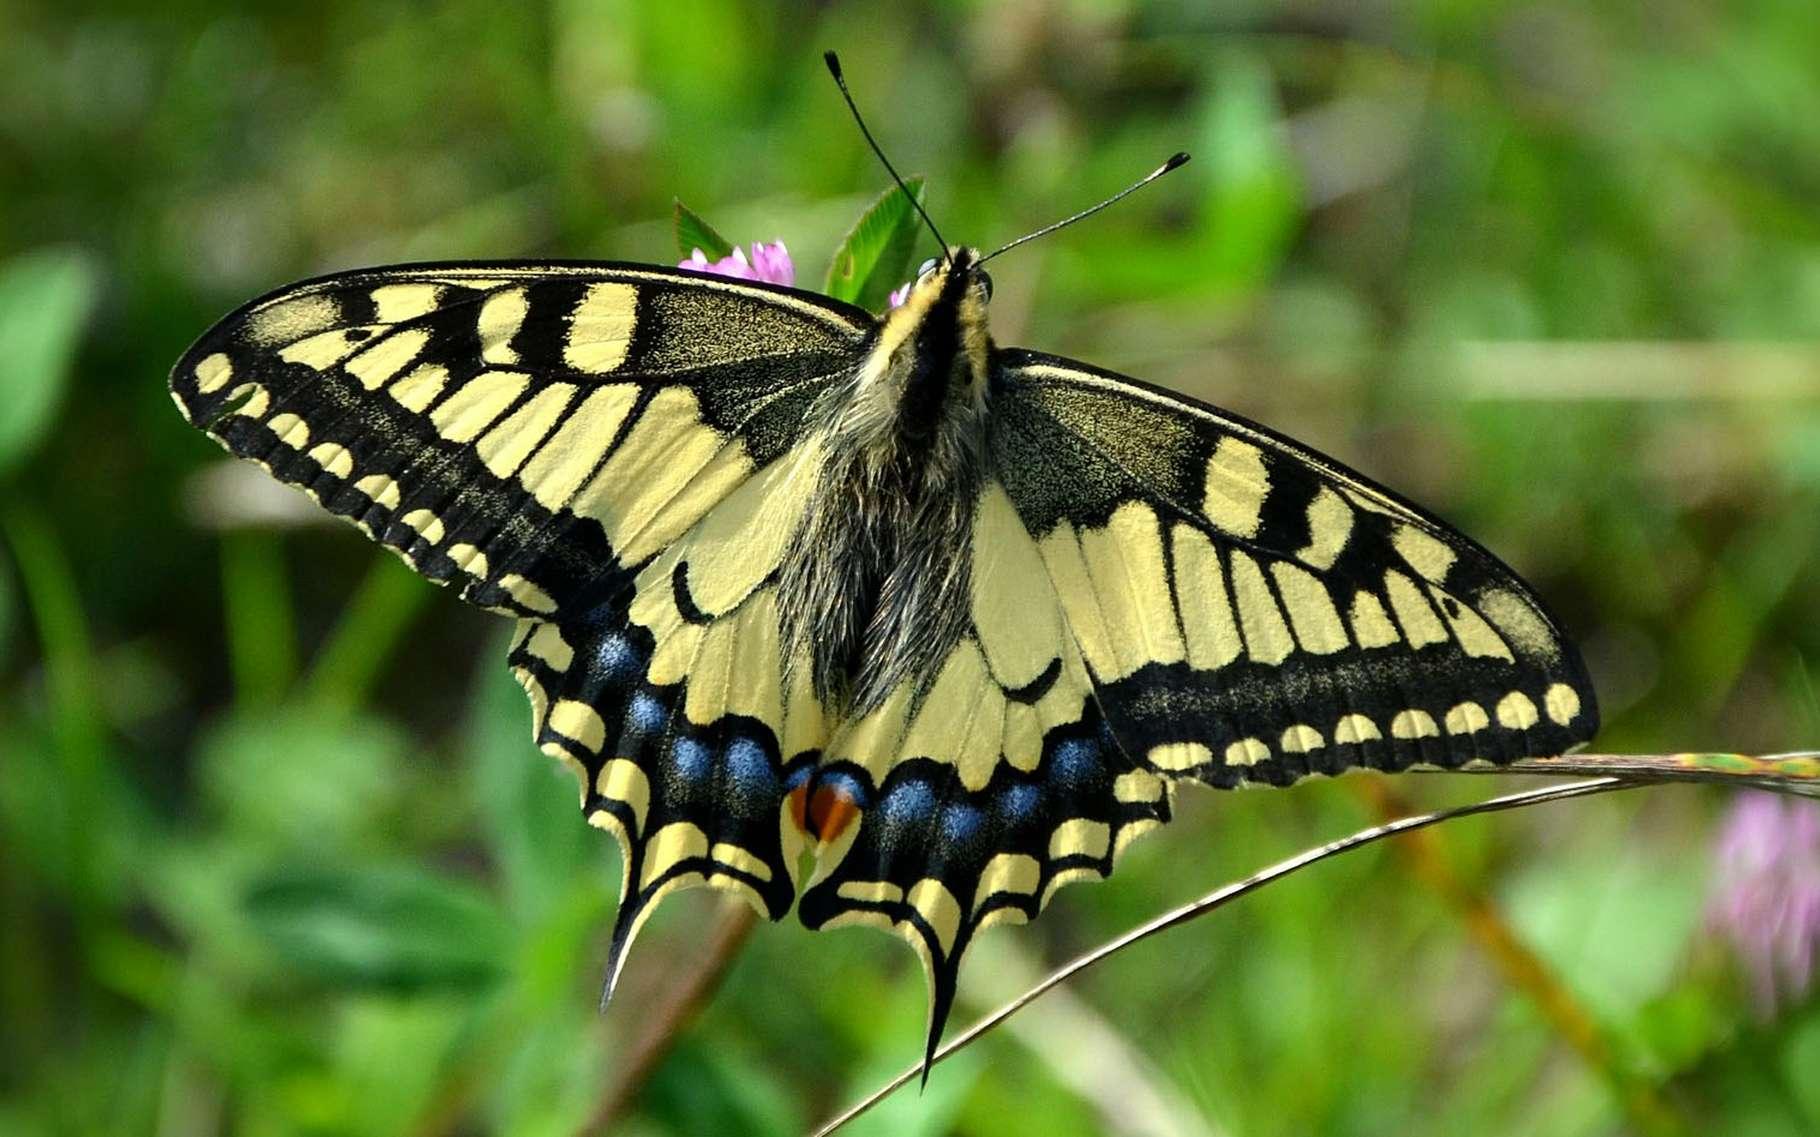 En Europe, le Machaon est un des papillons les plus courants. La couleur jaune et les dessins noirs de ses magnifiques ailes le rendent facilement reconnaissable dans les jardins. Pourtant, il ne les utilise que très peu, préférant planer en se laissant porter par le vent. © Congerdesign, Pixabay, DP